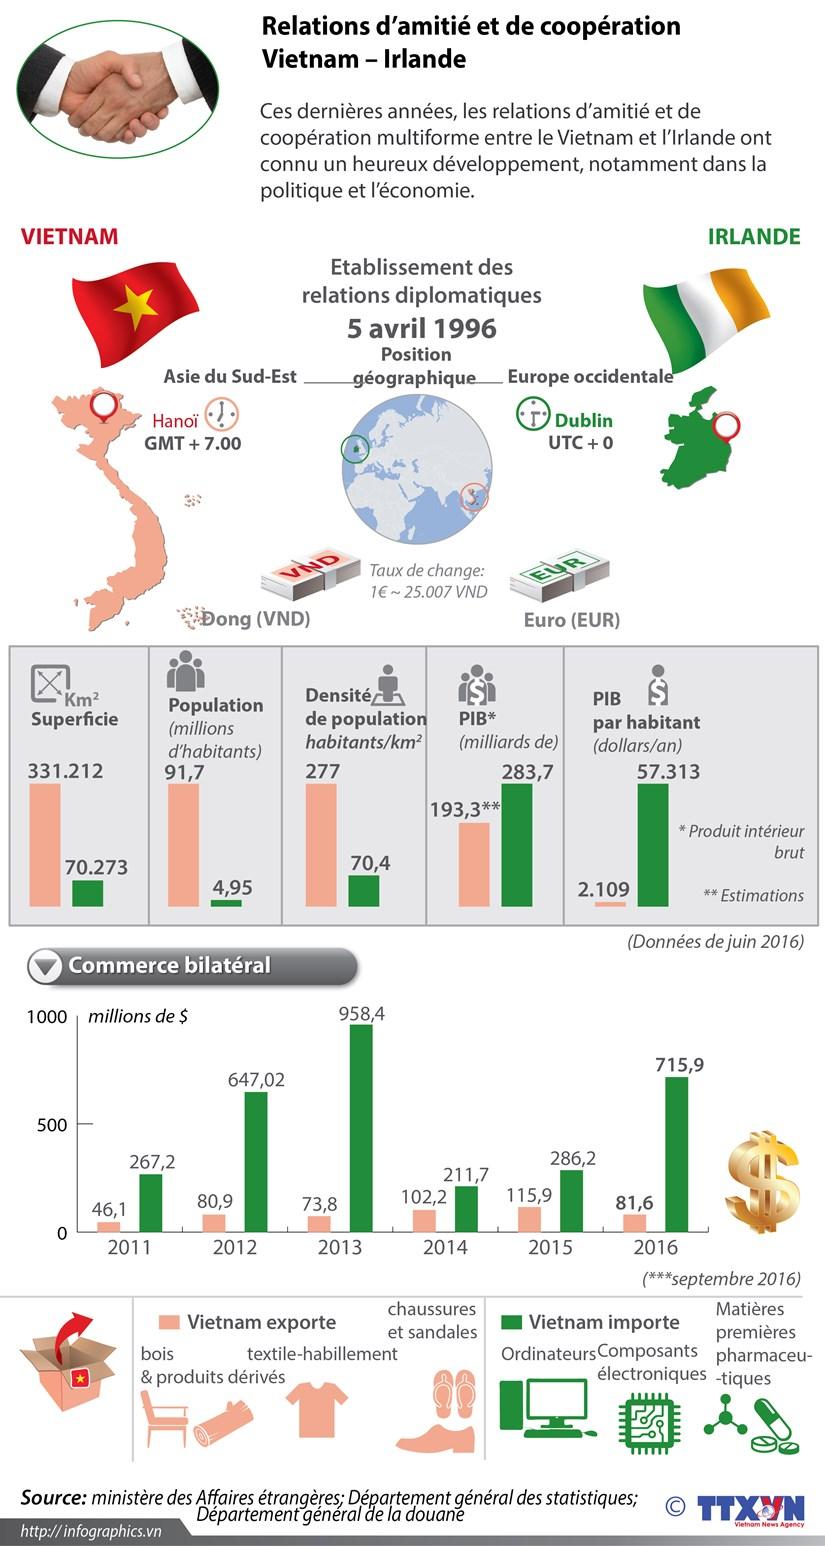 Relations d'amitie et de cooperation Vietnam – Irlande en infographie hinh anh 1